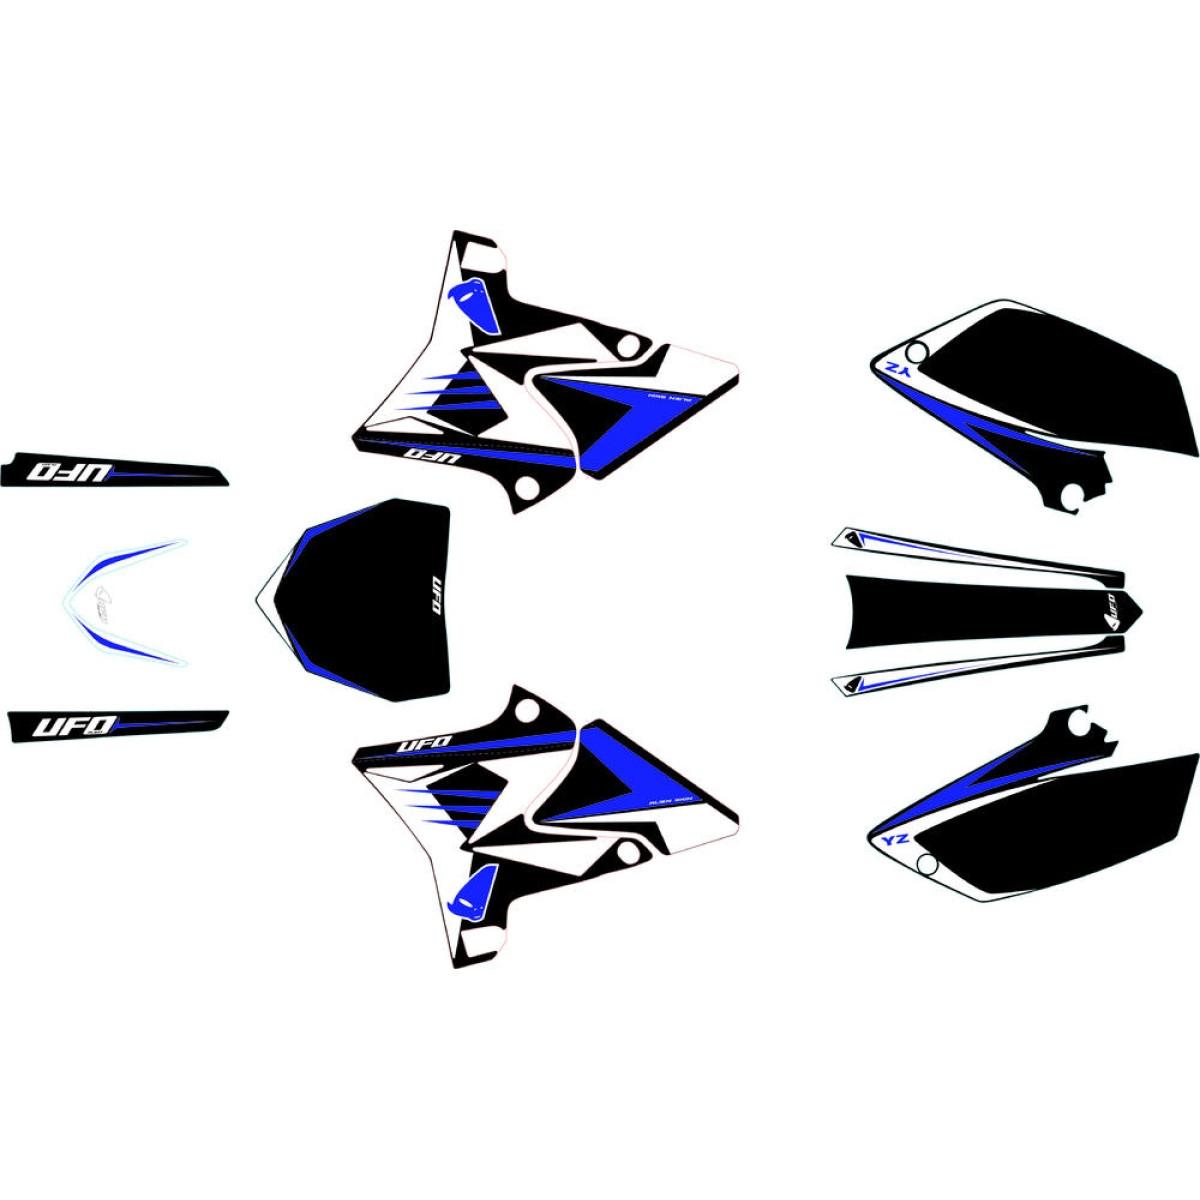 Kit déco UFO pour kit plastique restylé Yamaha 125 YZ 02-14 blanc/bleu